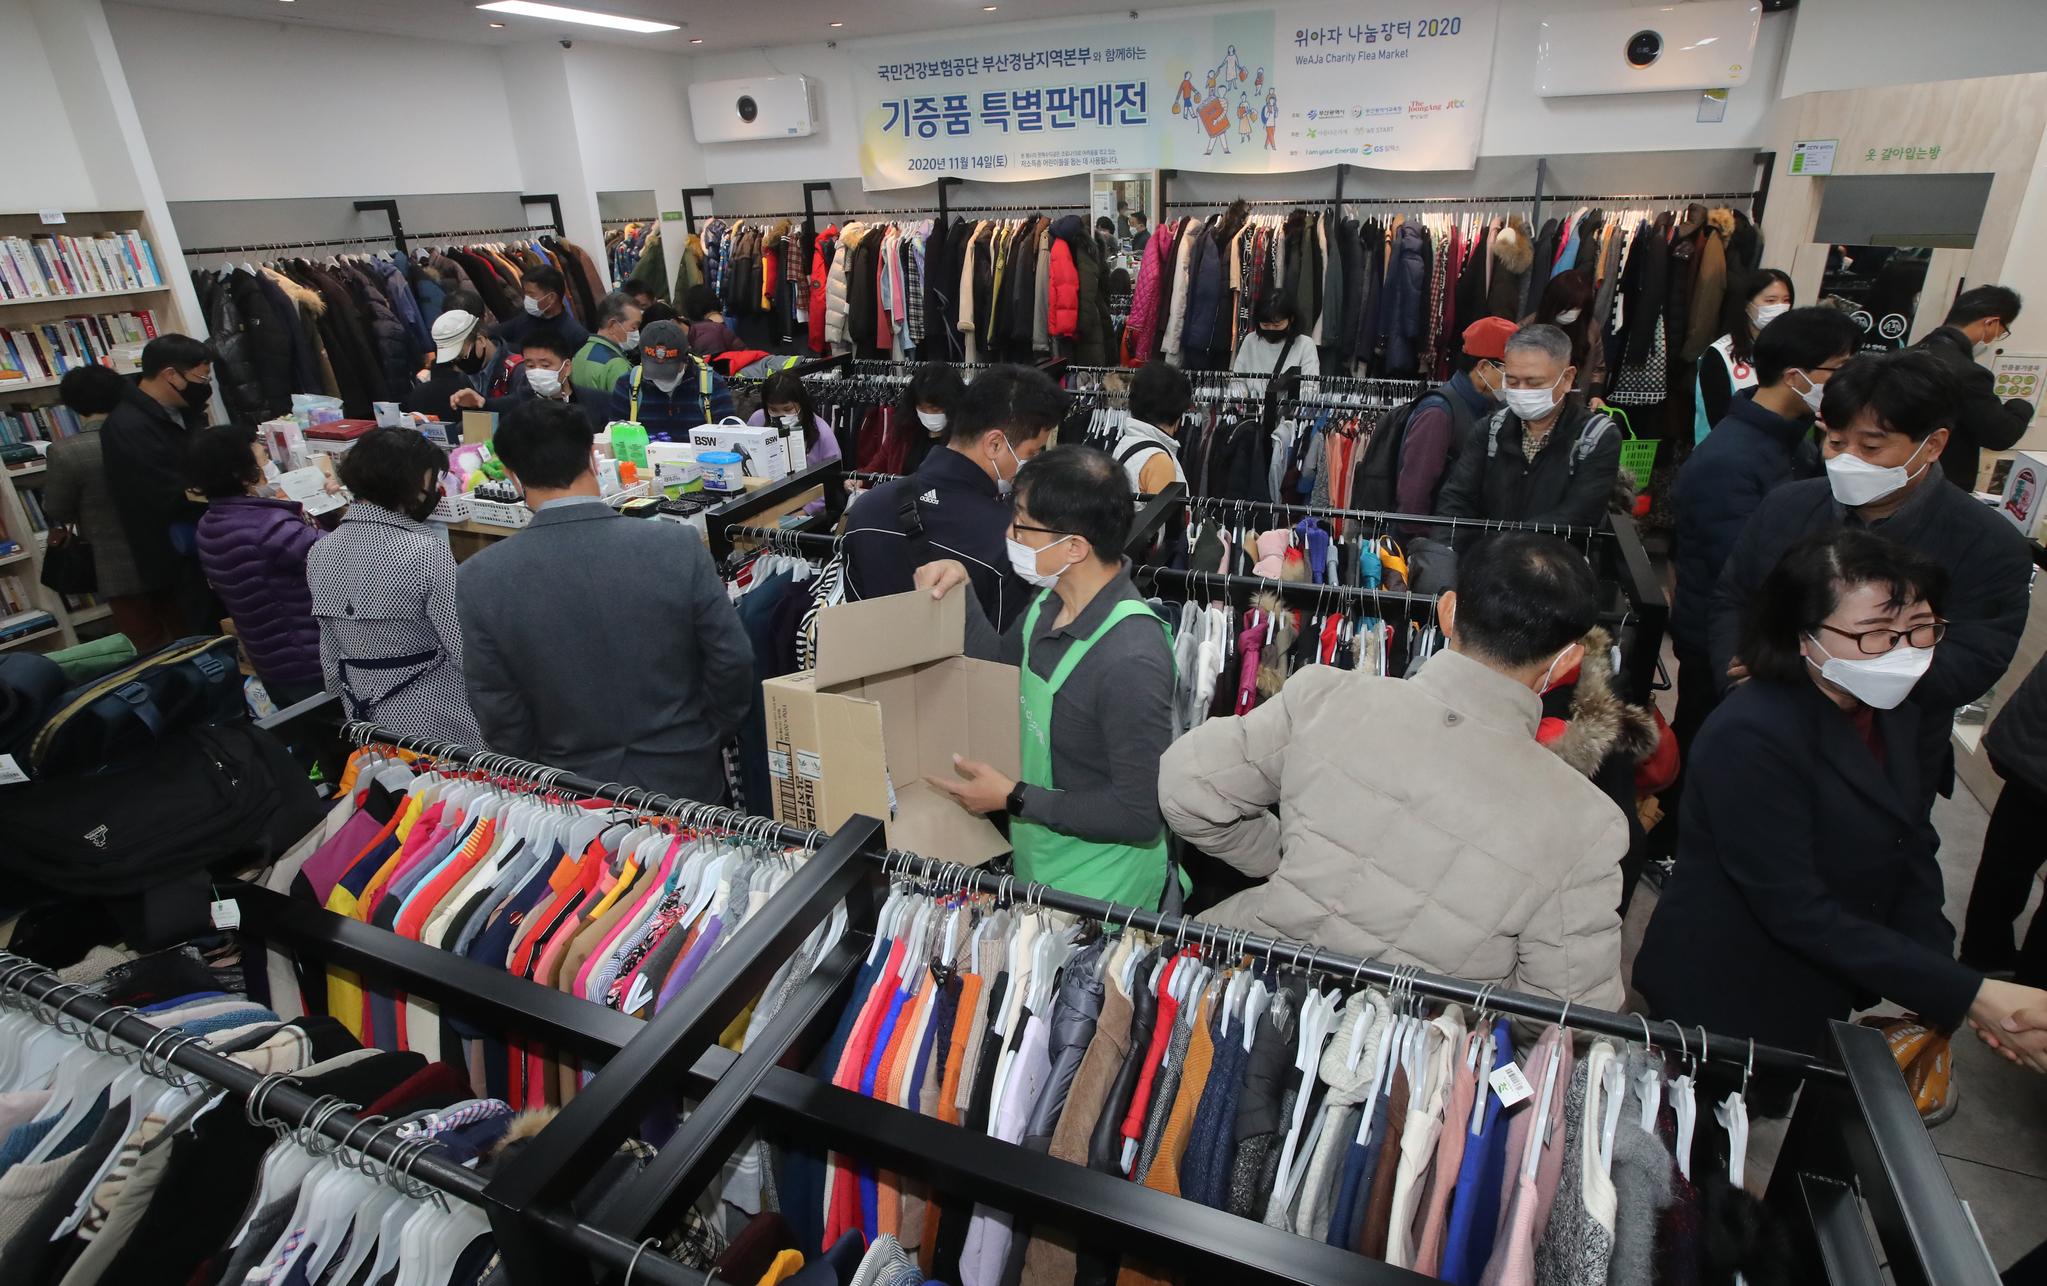 위아자나눔장터 2020 부산 특별판매전이 14일 부산 지하철1호선 아름다운가게 명륜역점에서 열려 시민들이 기증품을 살펴보고 있다. 송봉근 기자